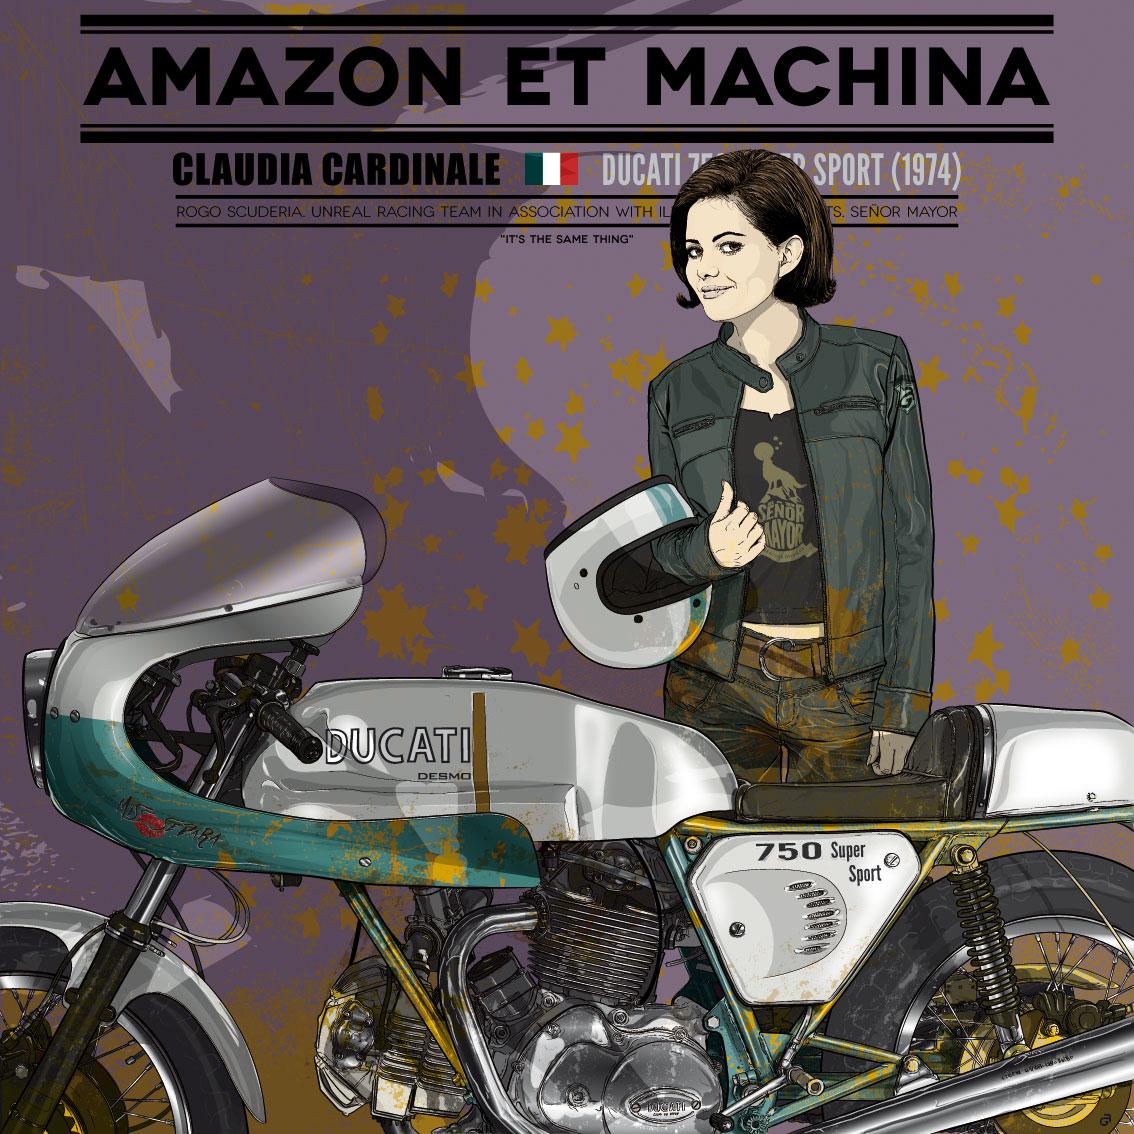 Claudia y su Ducati 750. Amazon et Machina